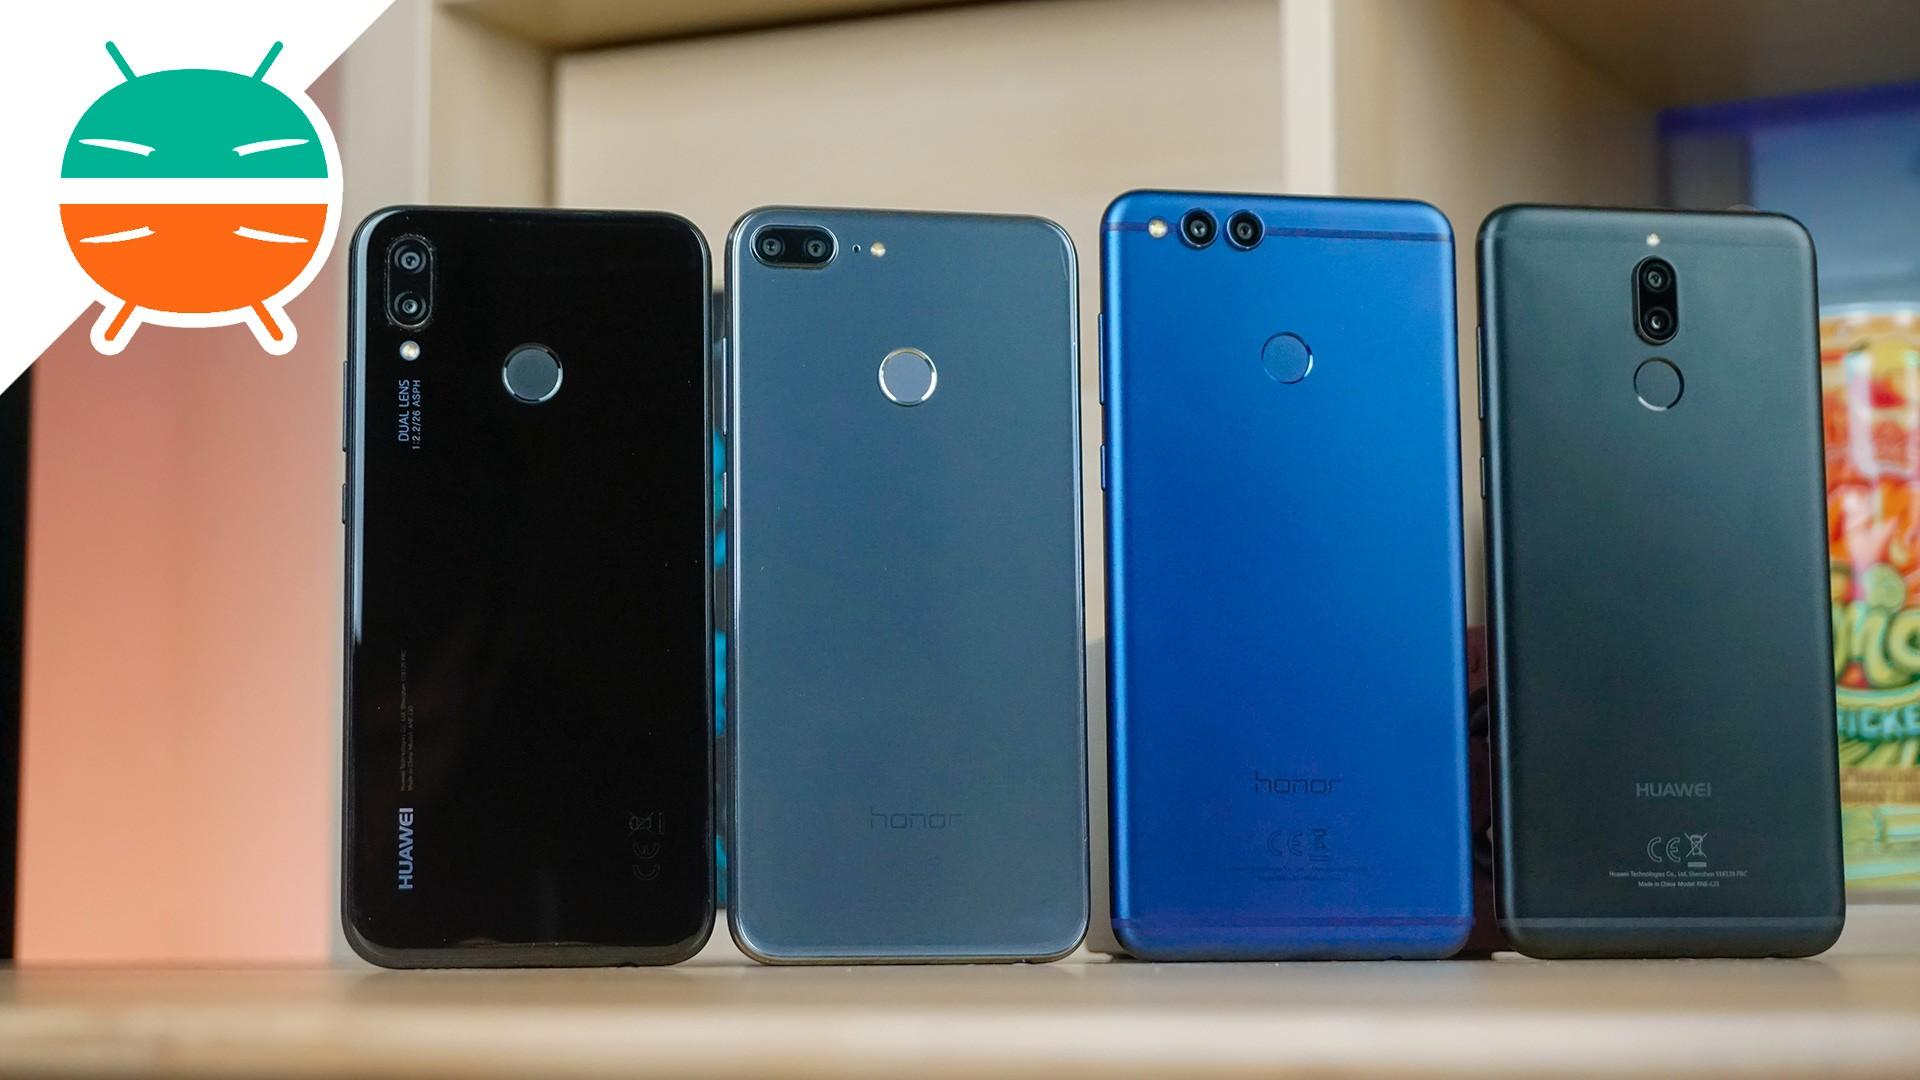 telefono cellulare in offerta honor 9  Confronto Huawei P20 Lite, Honor 9 Lite, Huawei Mate 10 Lite, Honor 7X!